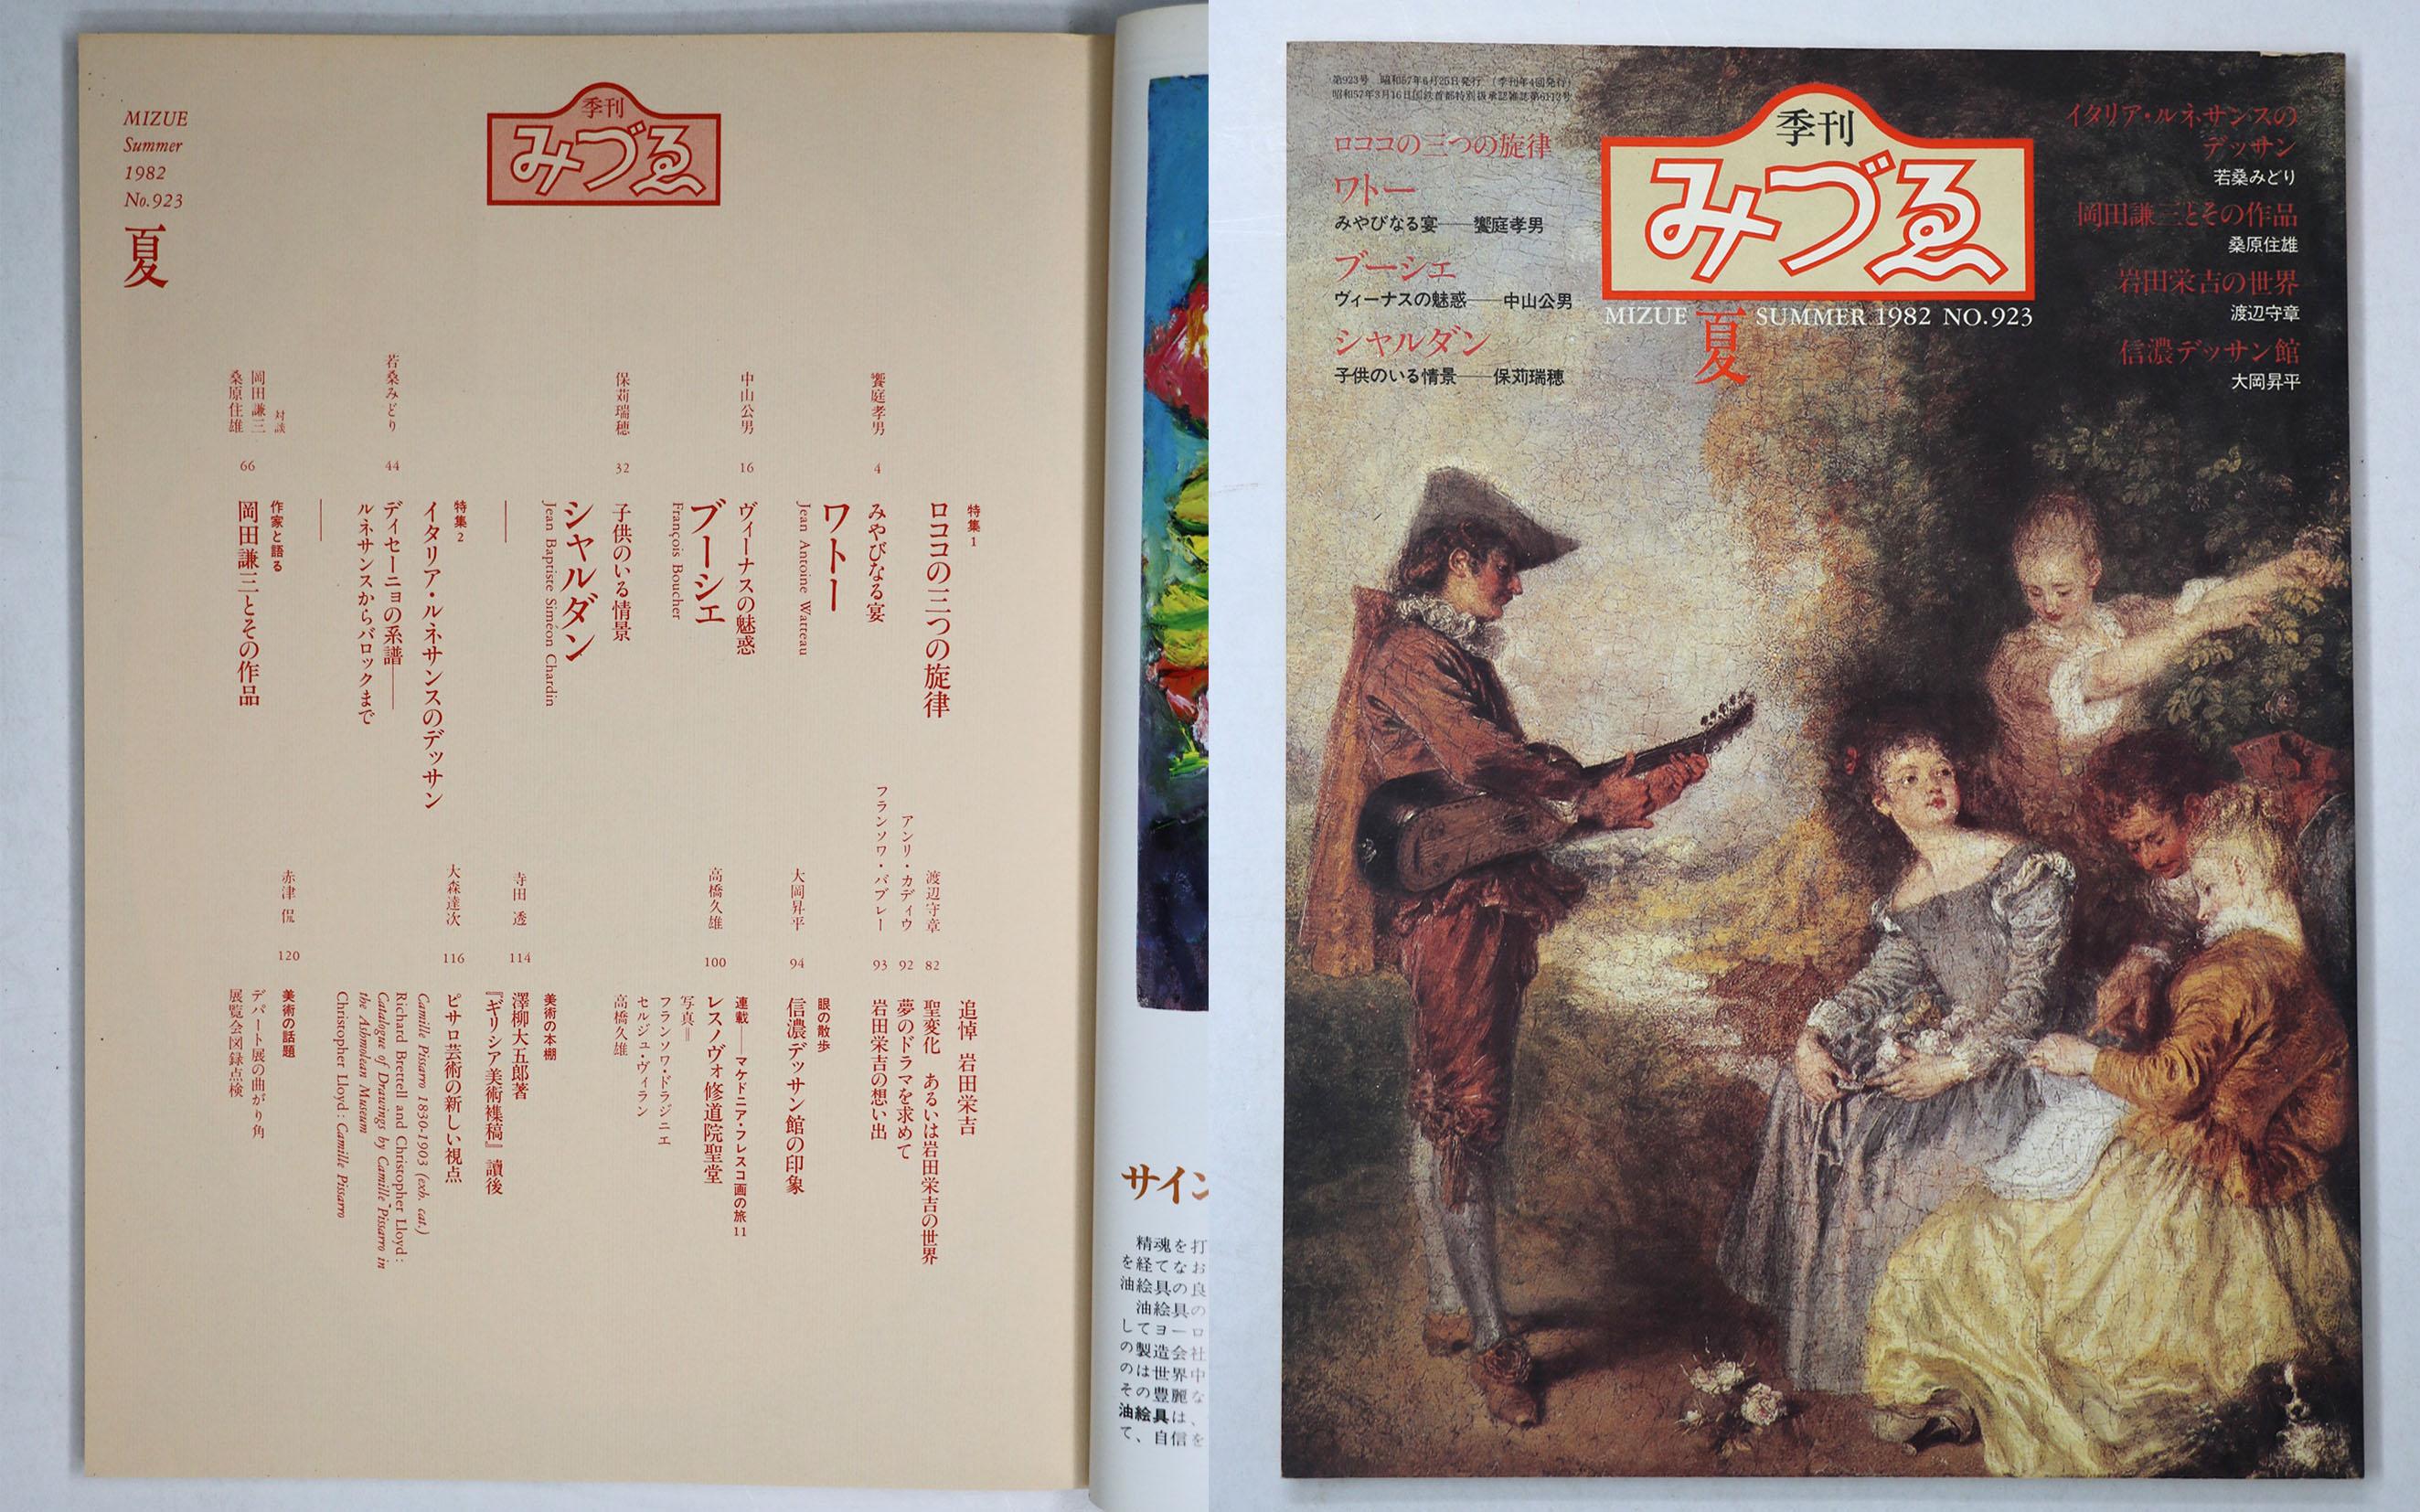 みづゑ 923号 特集:ロココの三つの旋律 ワトー/ブーシェ/シャルダン